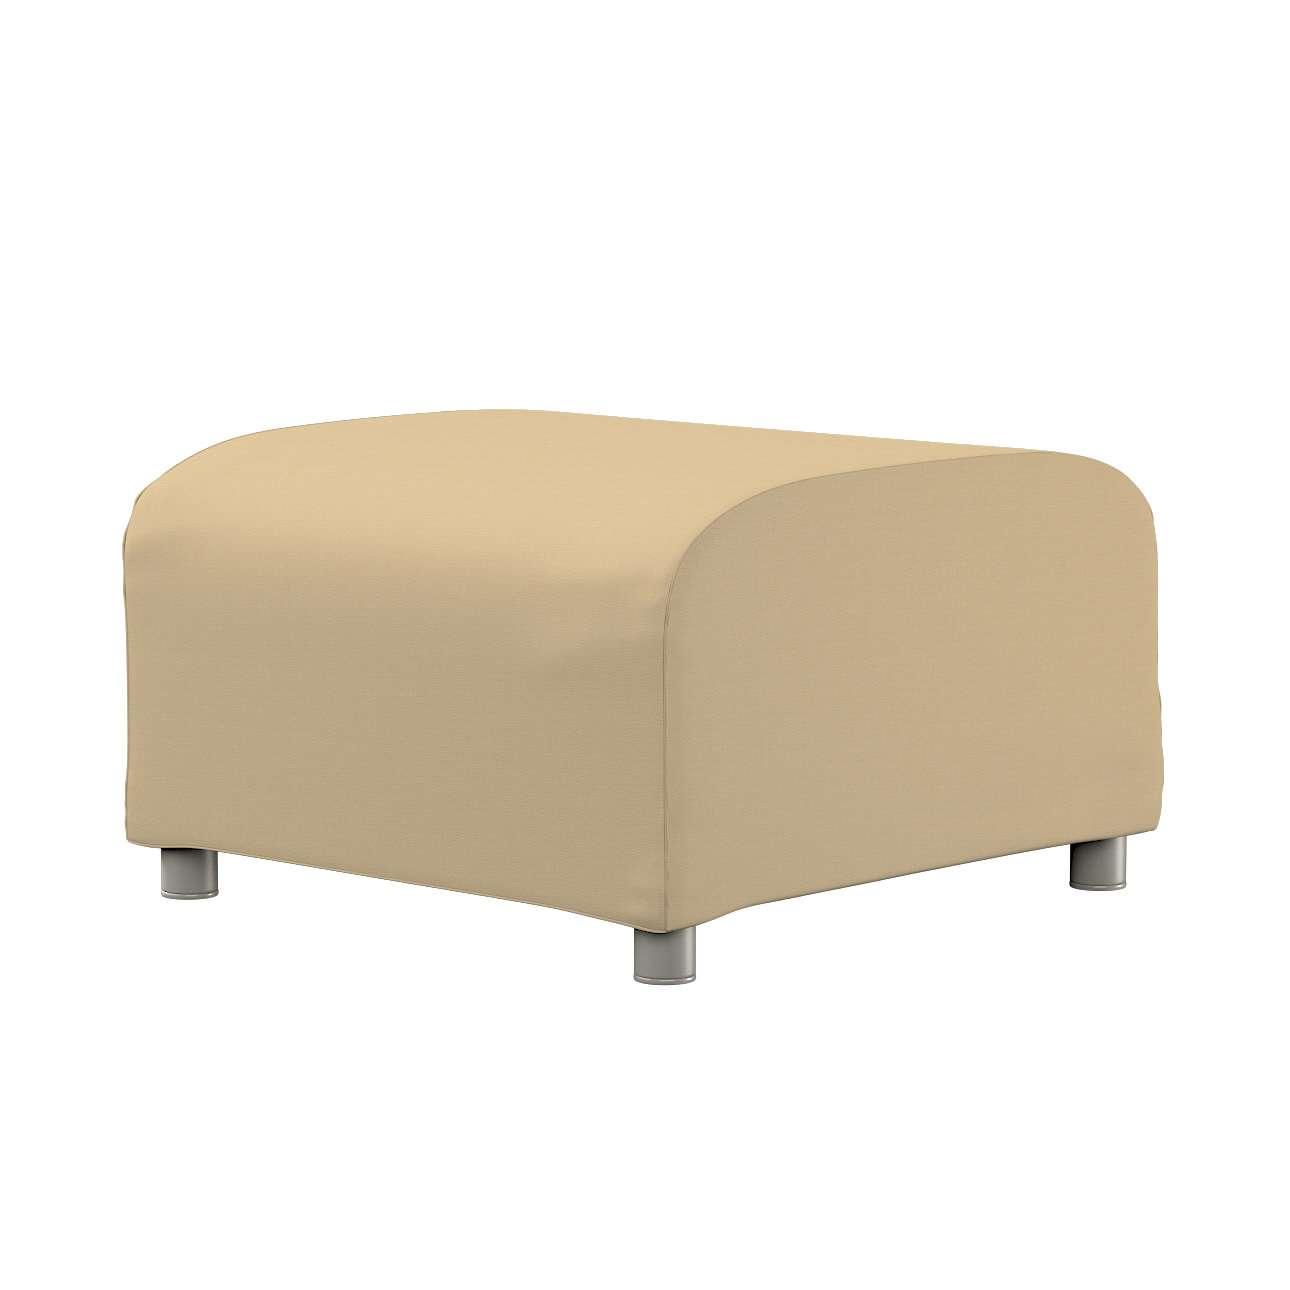 KLIPPAN pufo užvalkalas Klippan footstool cover kolekcijoje Cotton Panama, audinys: 702-01